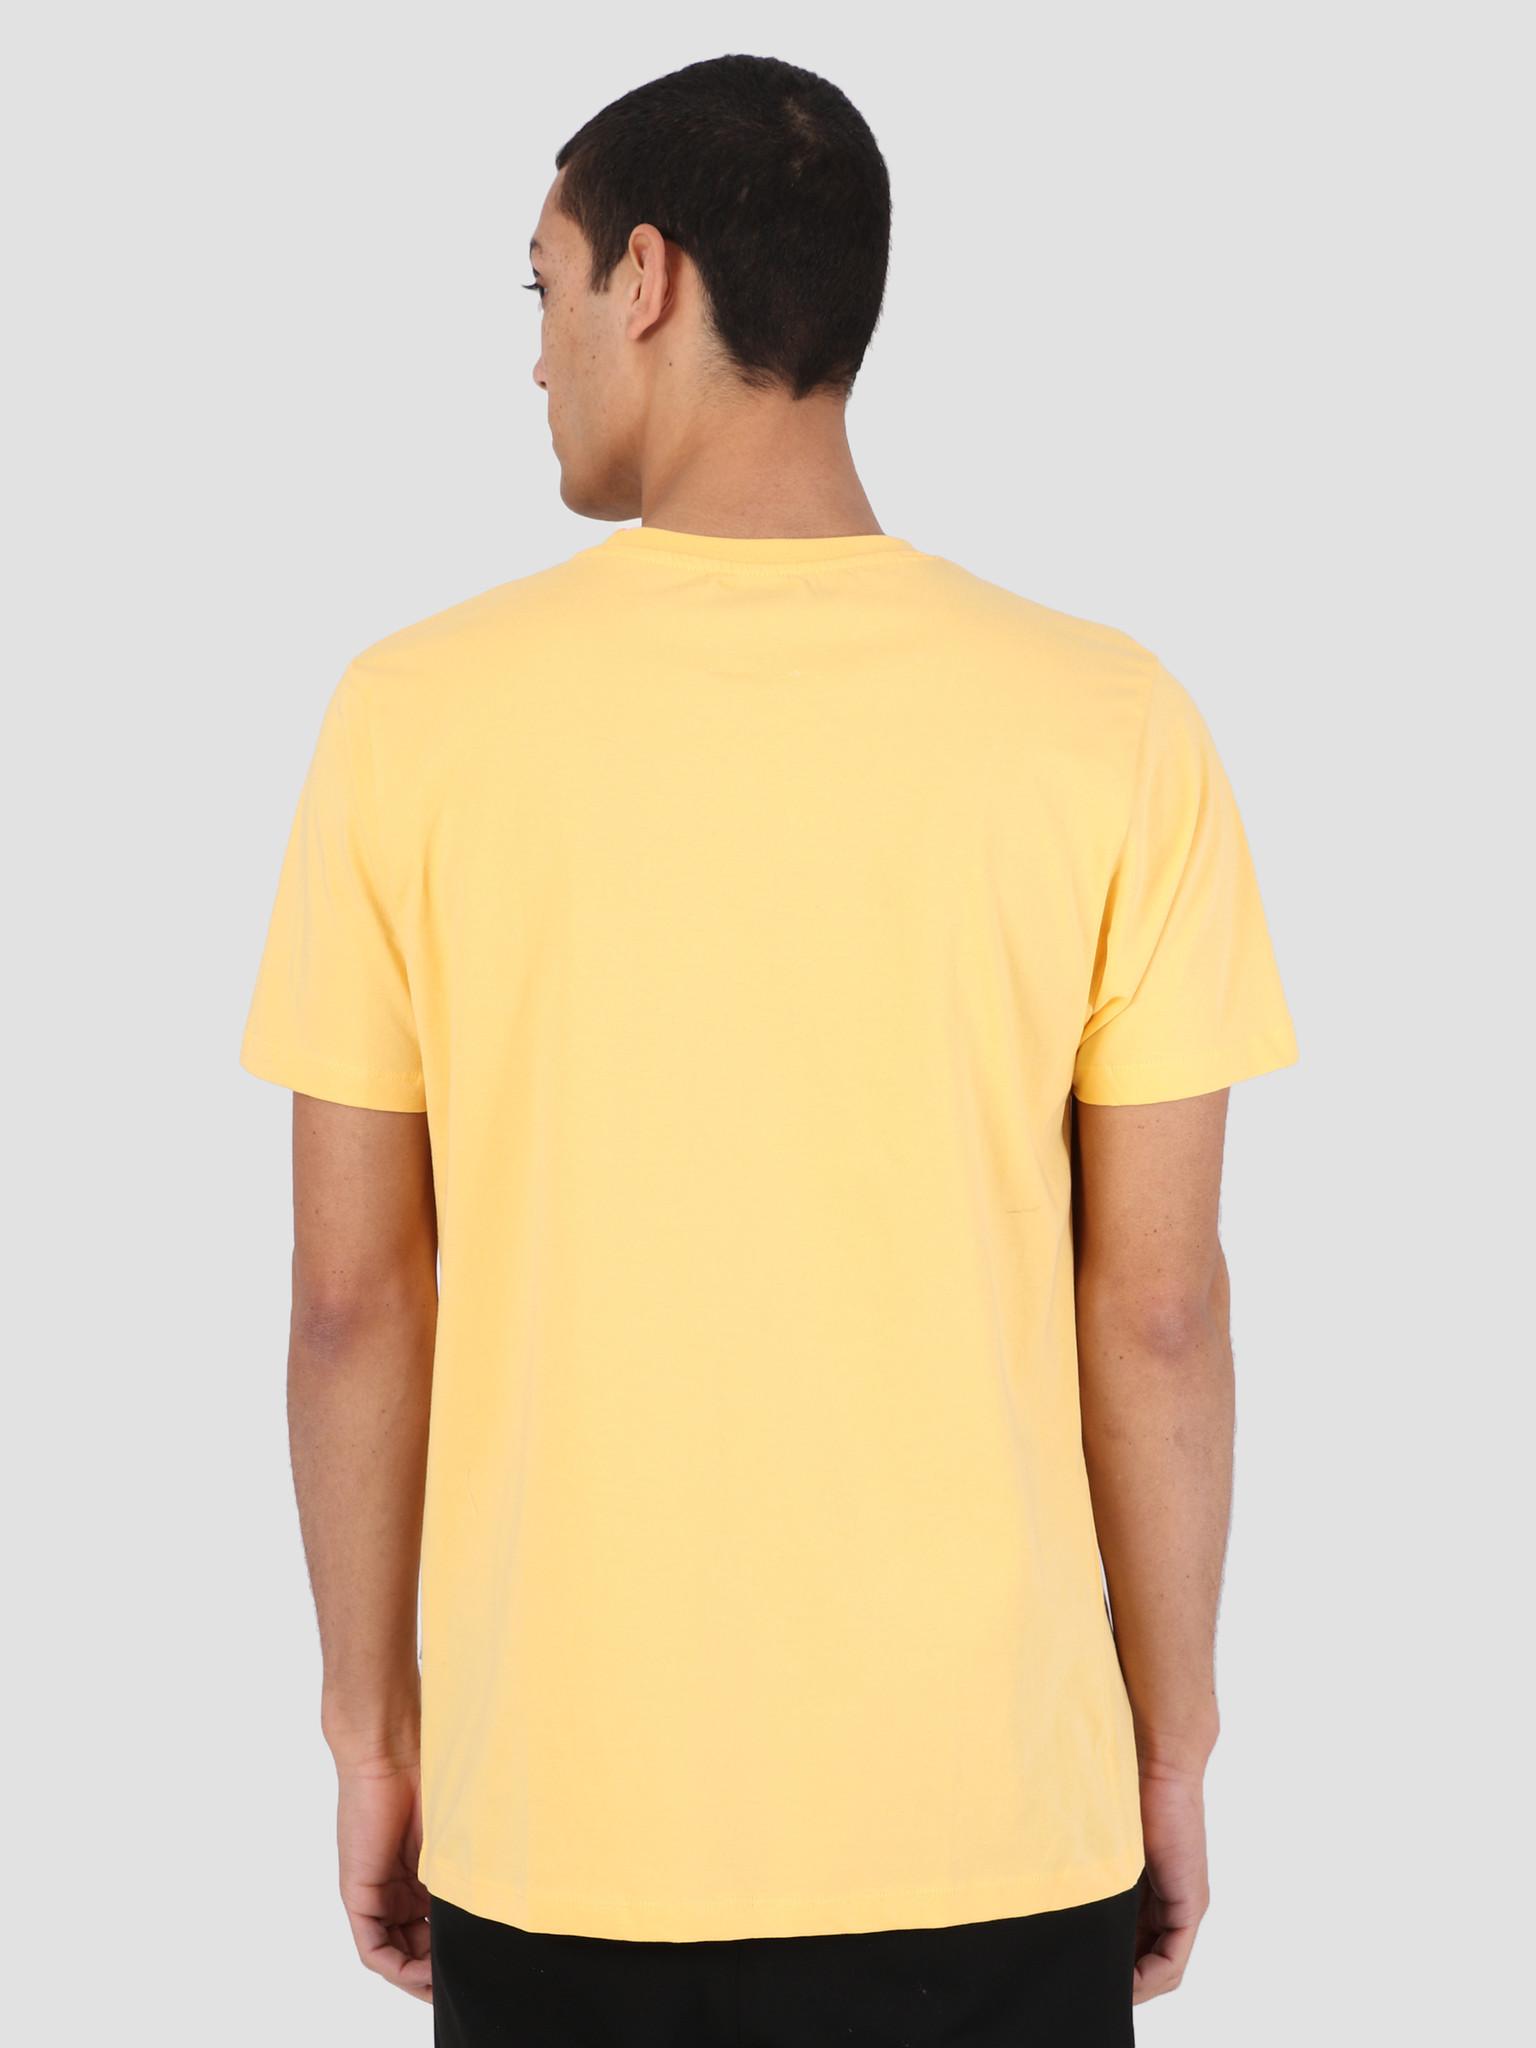 Quality Blanks Quality Blanks QB03 Patch Logo T-shirt Banana Cream